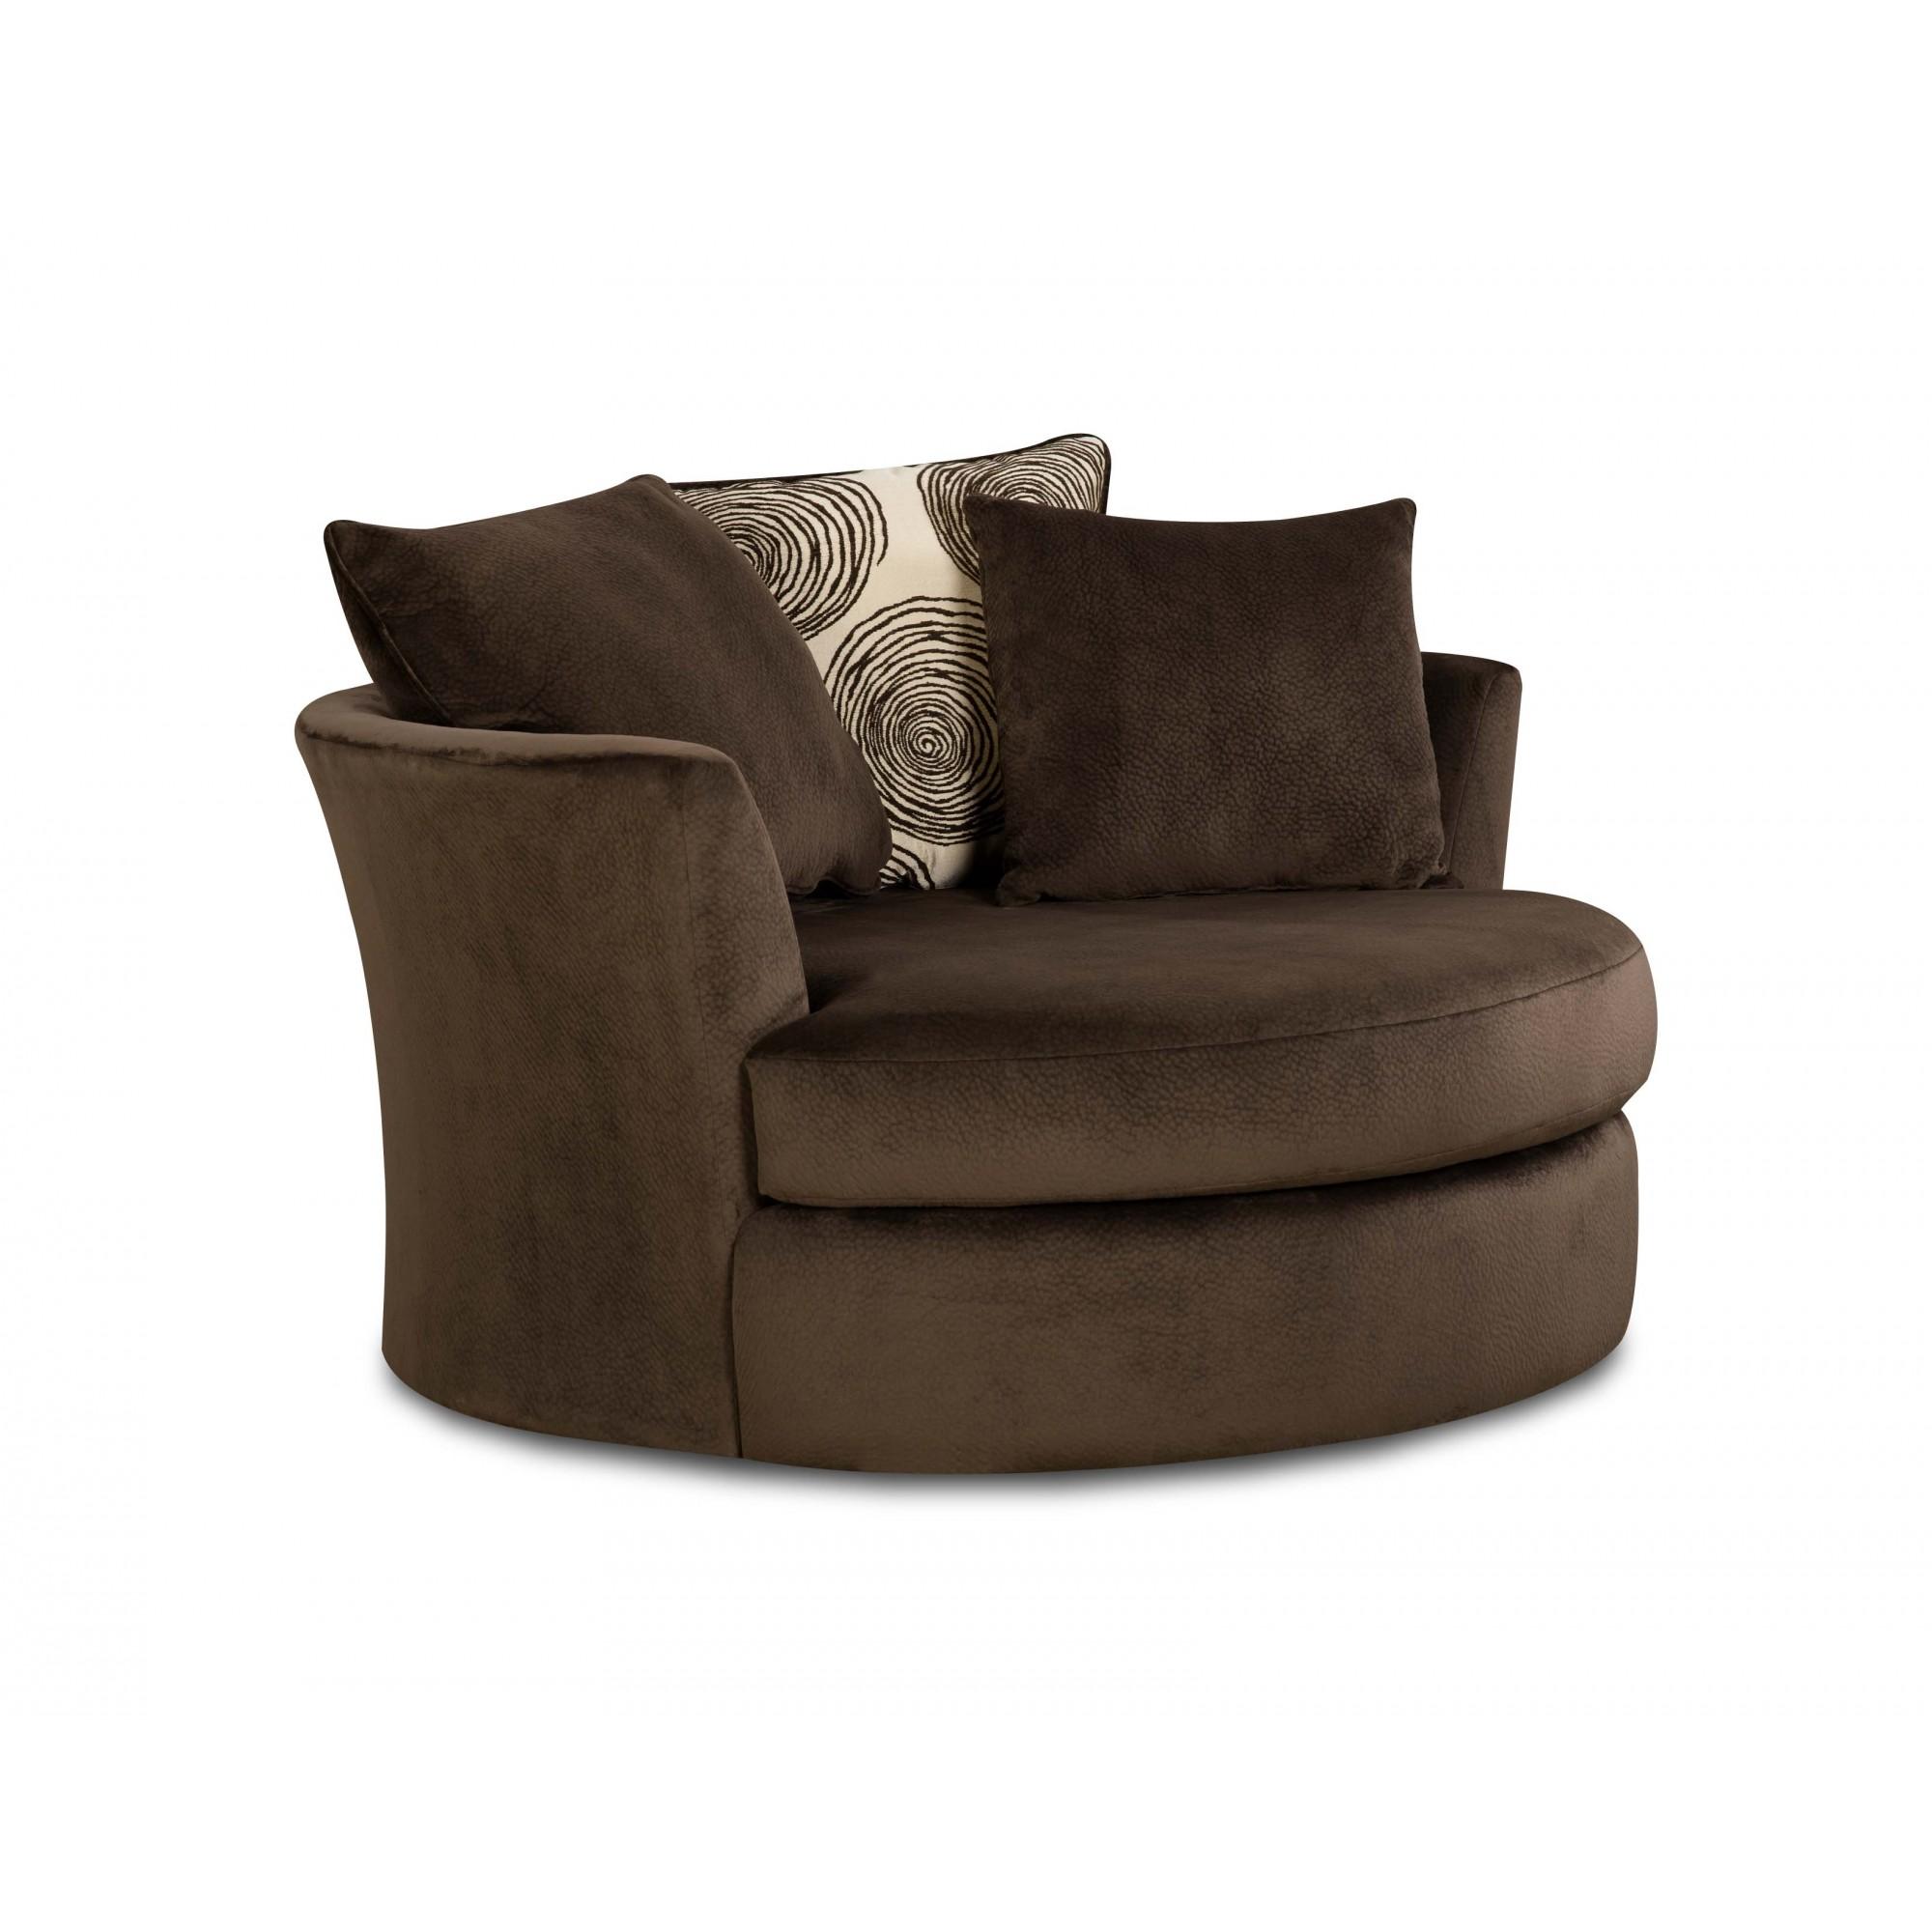 Garfield Chocolate Swivel Chair | Chairs | Seat-N-Sleep